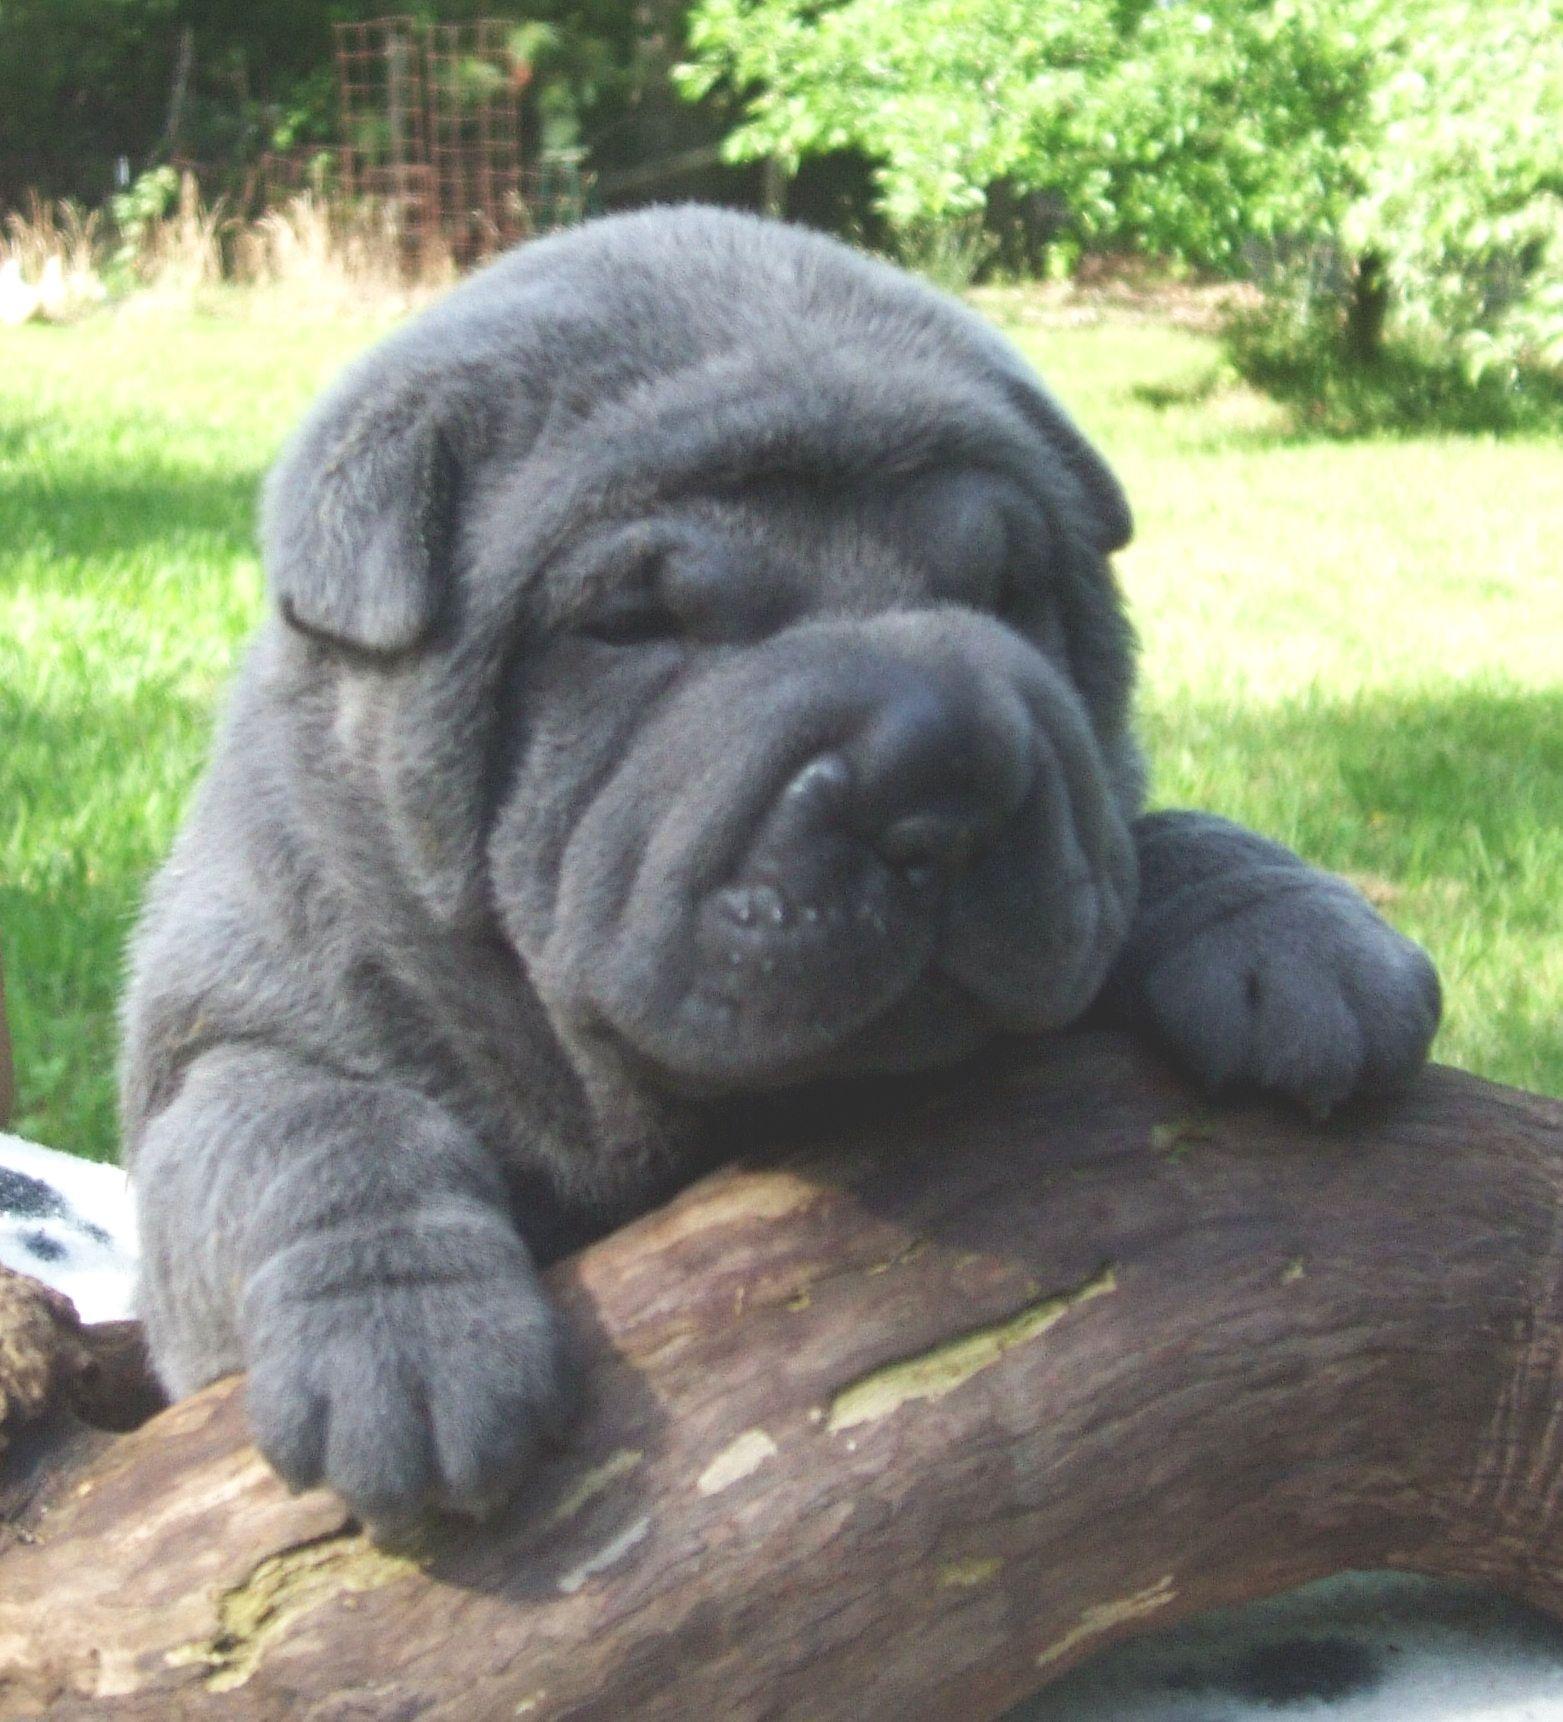 Simple Shar Pei Chubby Adorable Dog - 95a17ac1ceb2fbbed159b5164cd704d4  Trends_51648  .jpg